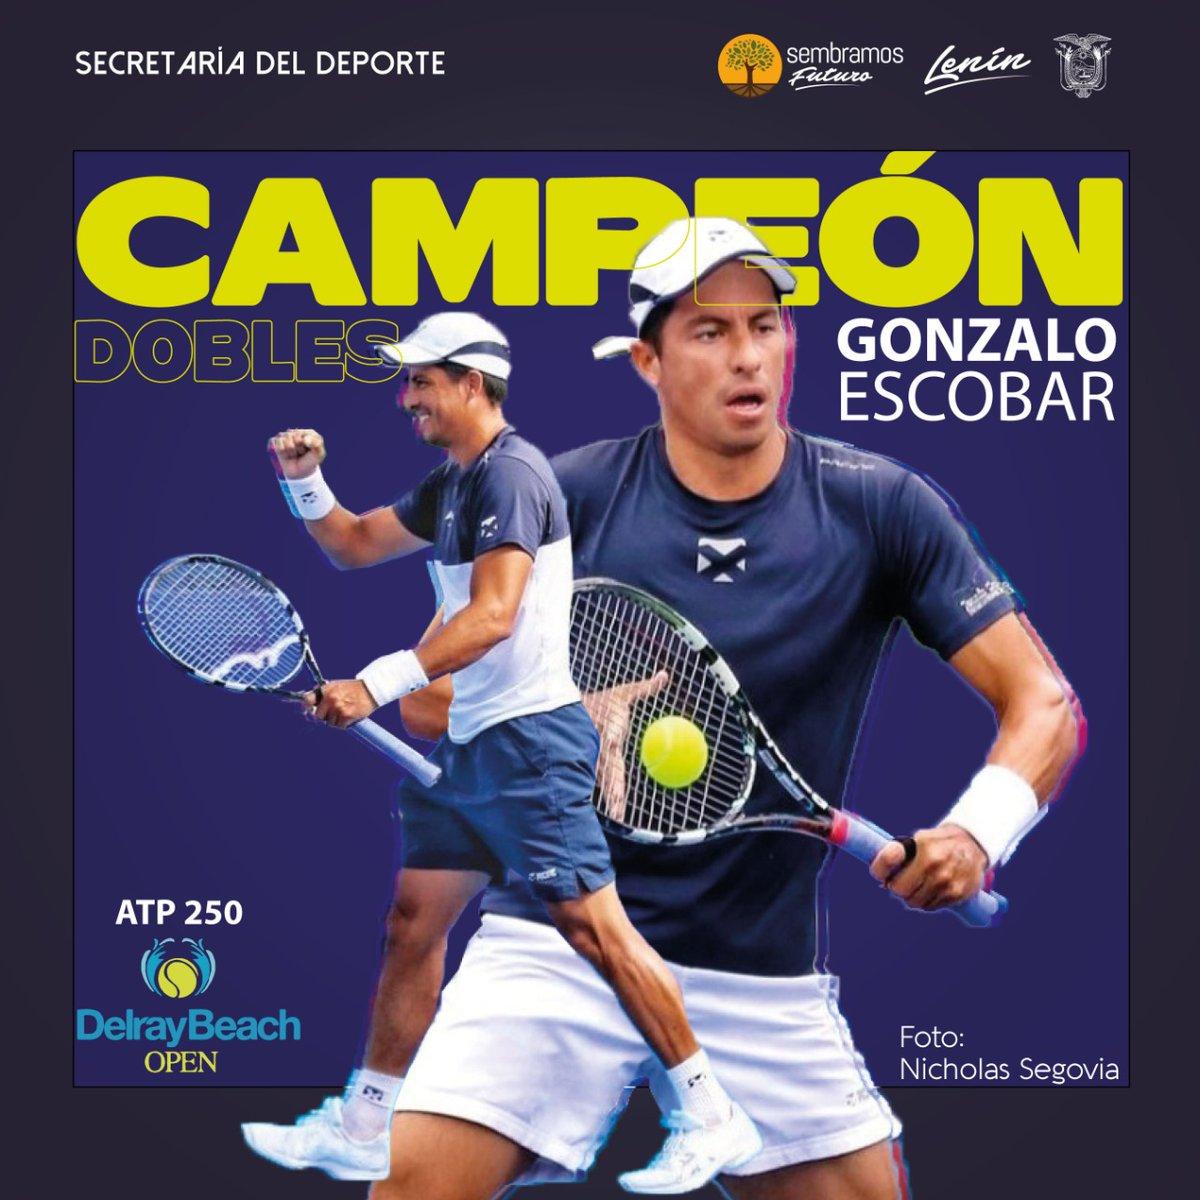 Felicitamos al tenista @goescobar89, quien se coronó campeón, en la modalidad dobles junto al uruguayo Ariel Behar, durante su participación en el #ATP250 Delray Beach. 🇪🇨🎾  #ElDeporteNosUne https://t.co/ax9kneoseC